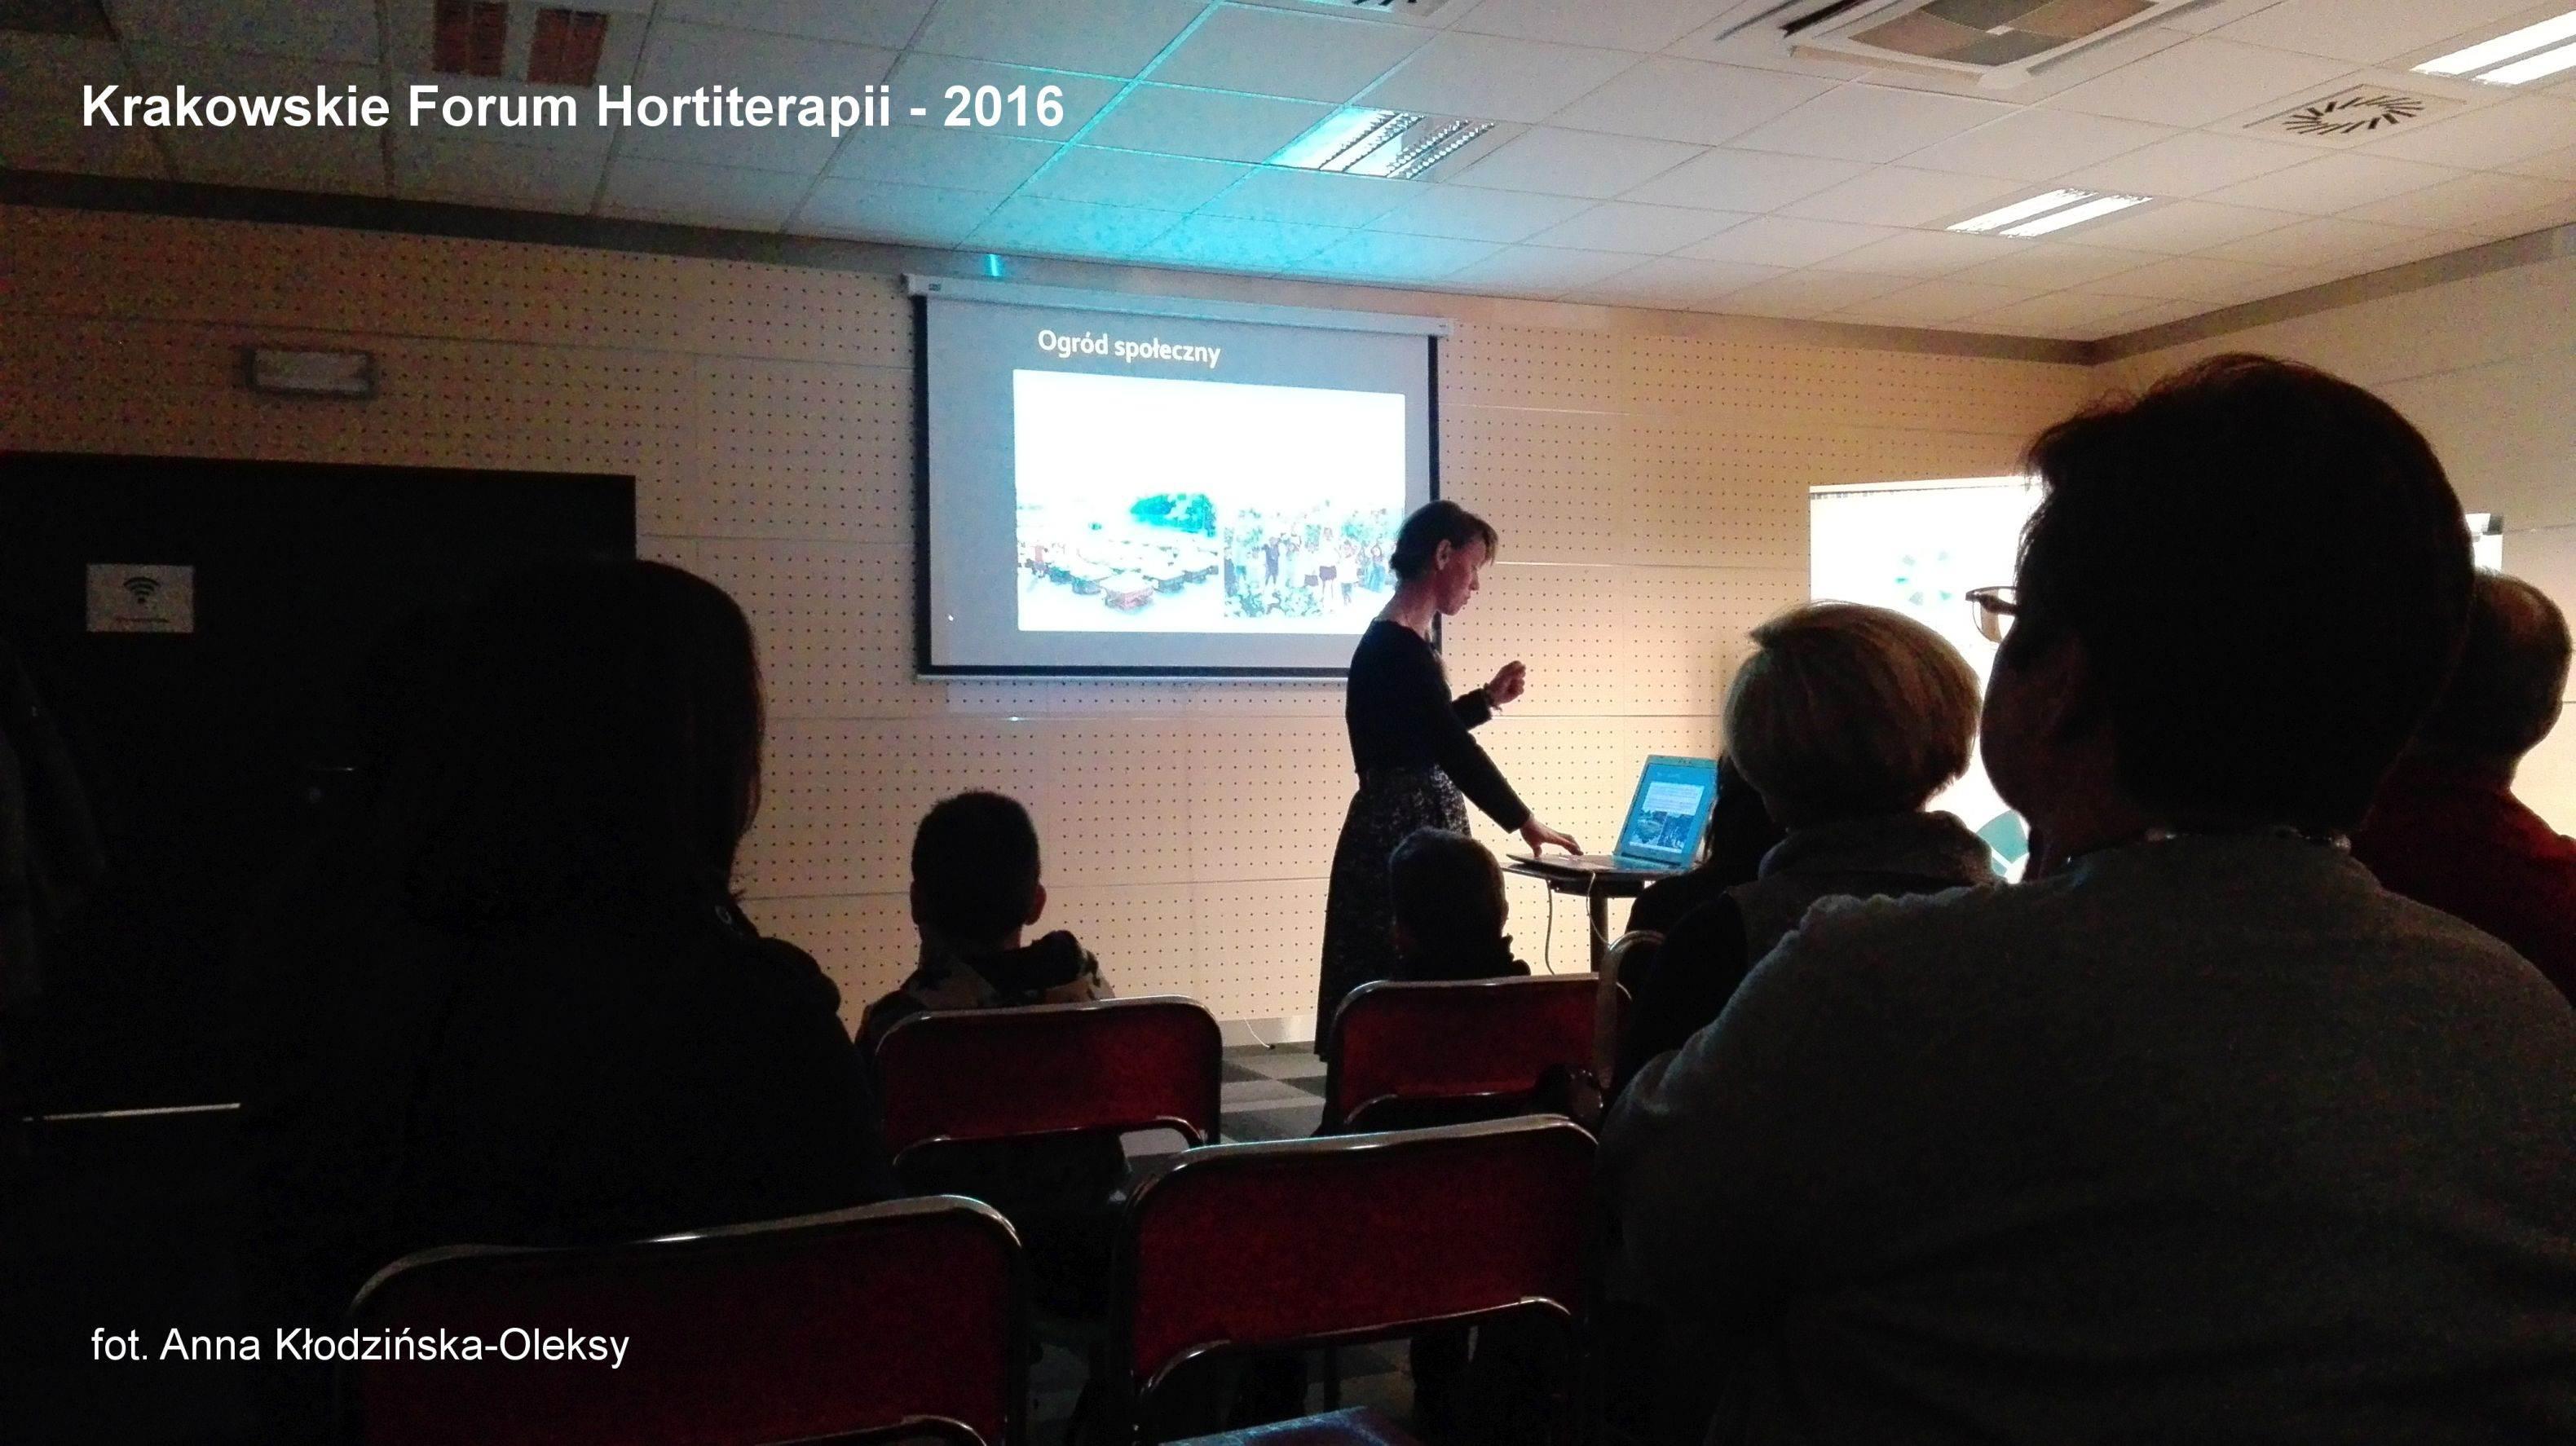 Krakowskie Forum Hortiterapii